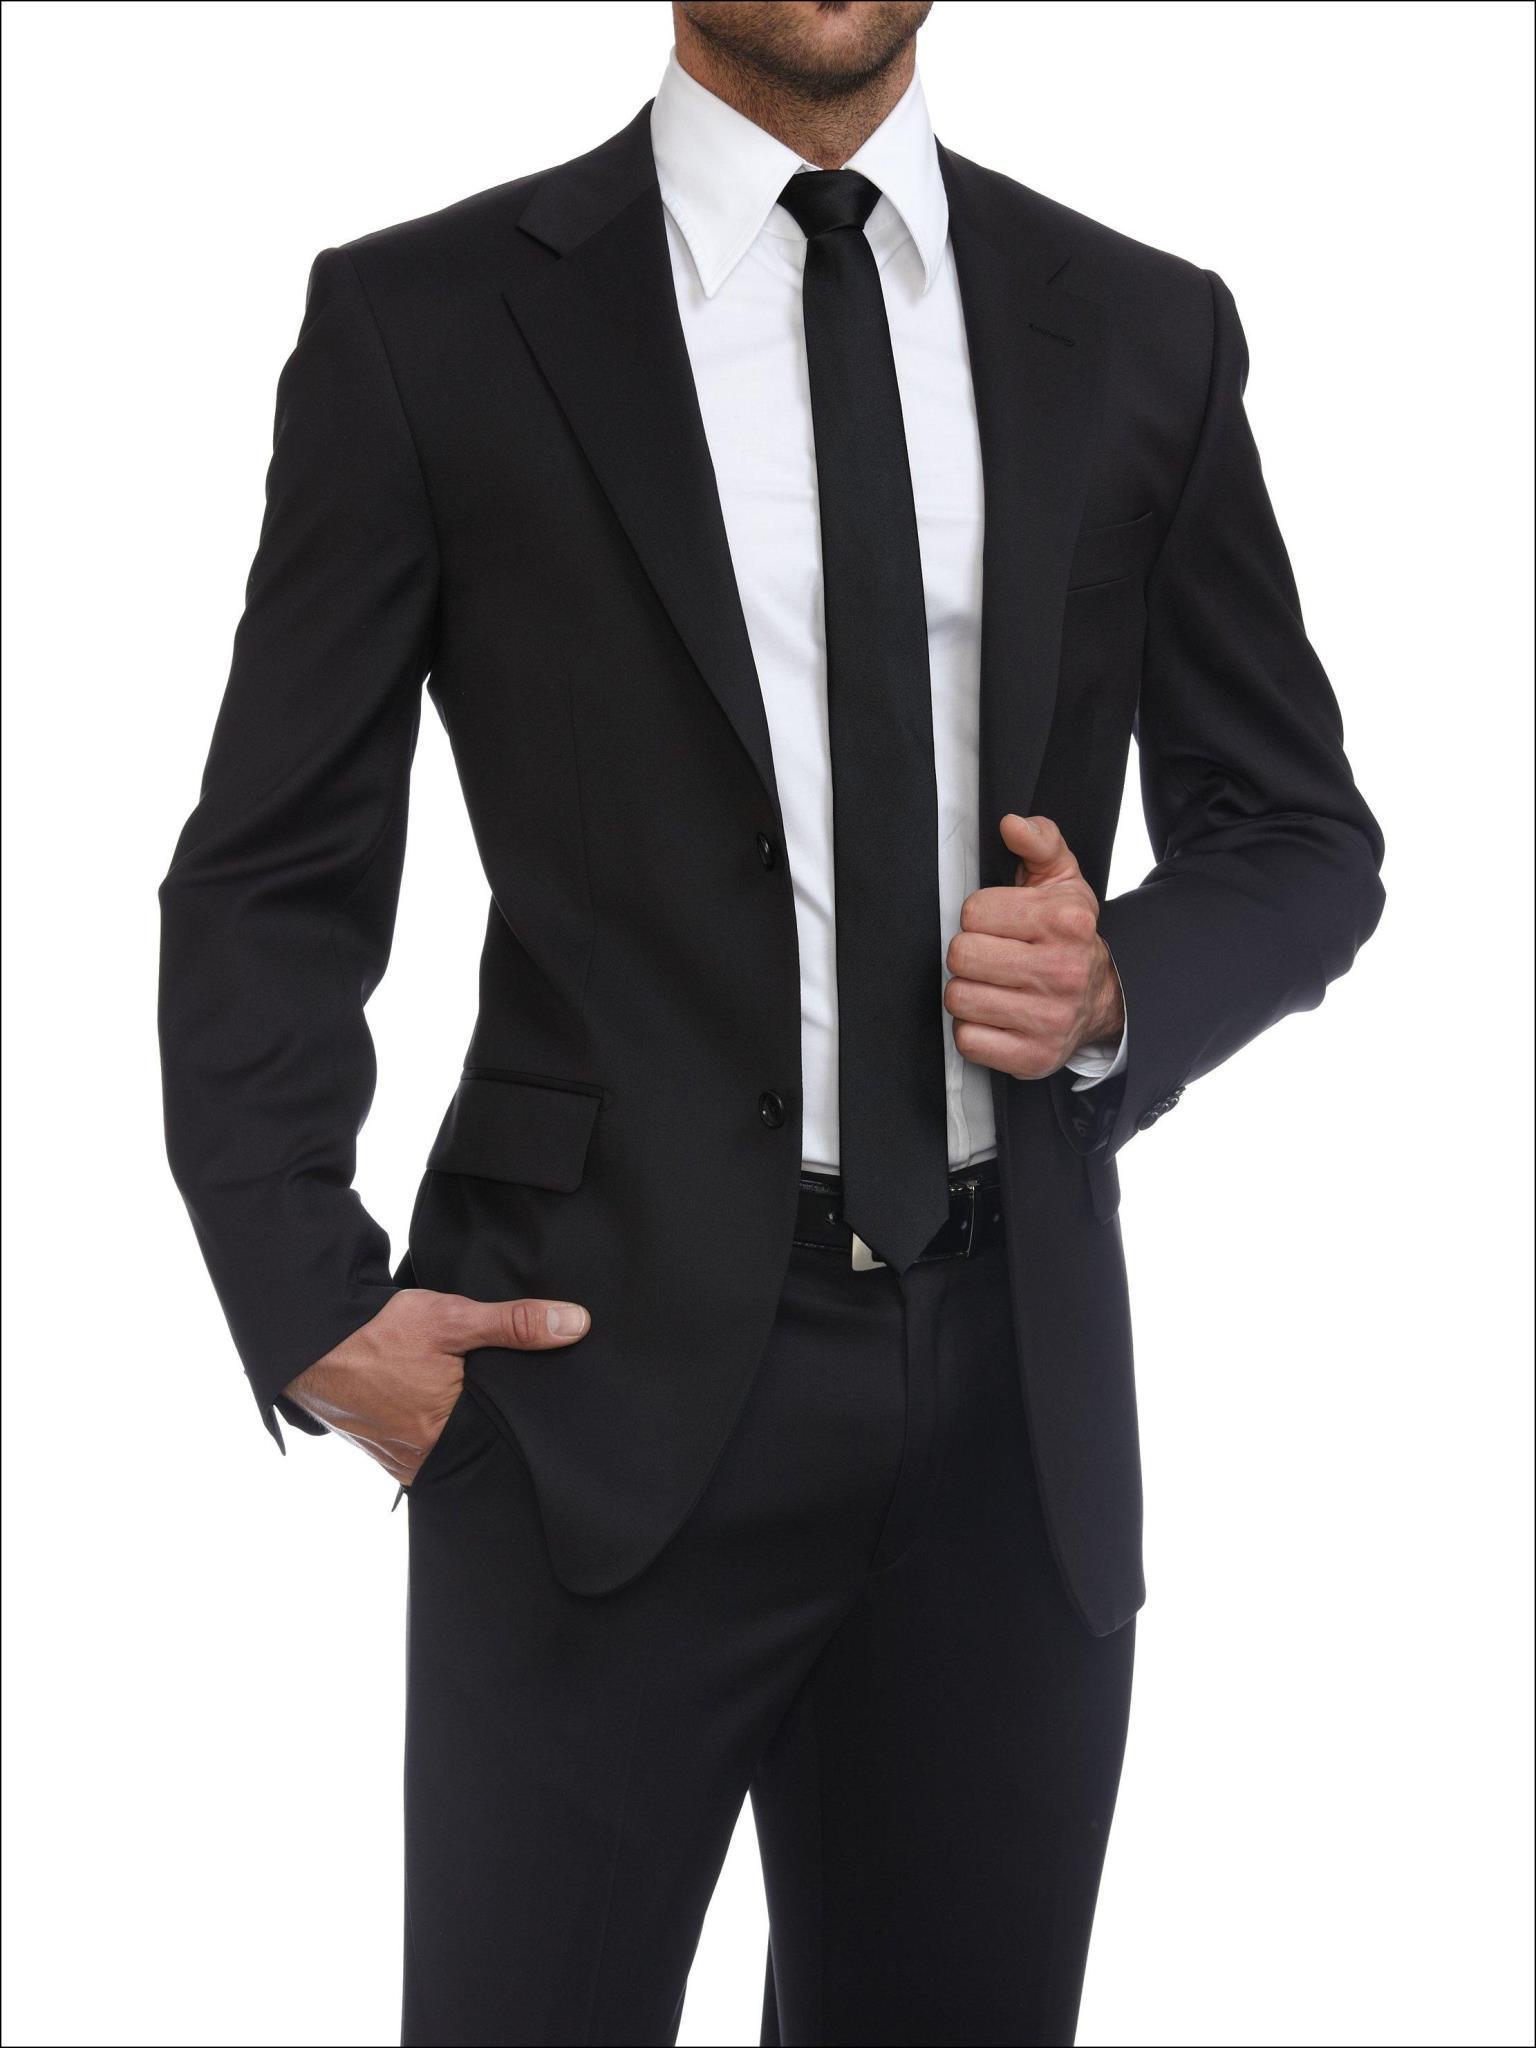 men gold suits white tuxedos men clothes jacketpantsvest